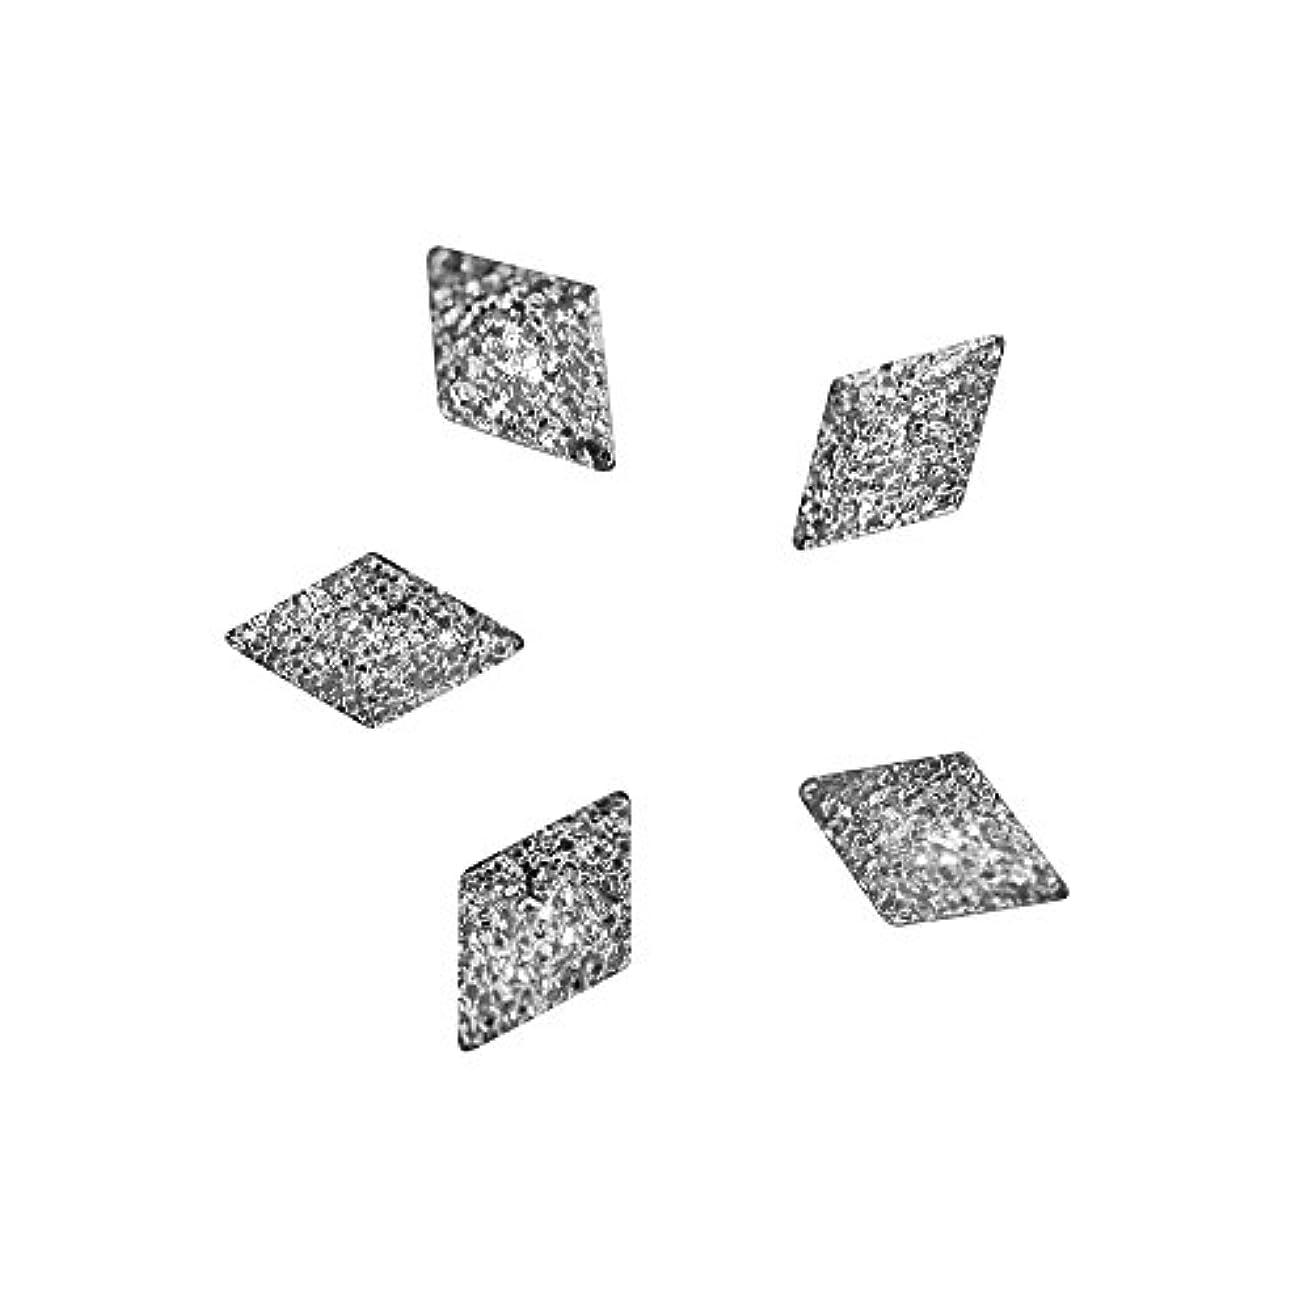 ベーリング海峡計算組み合わせBonnail ラフスタッズシルバー ダイヤ4×2mm 30P